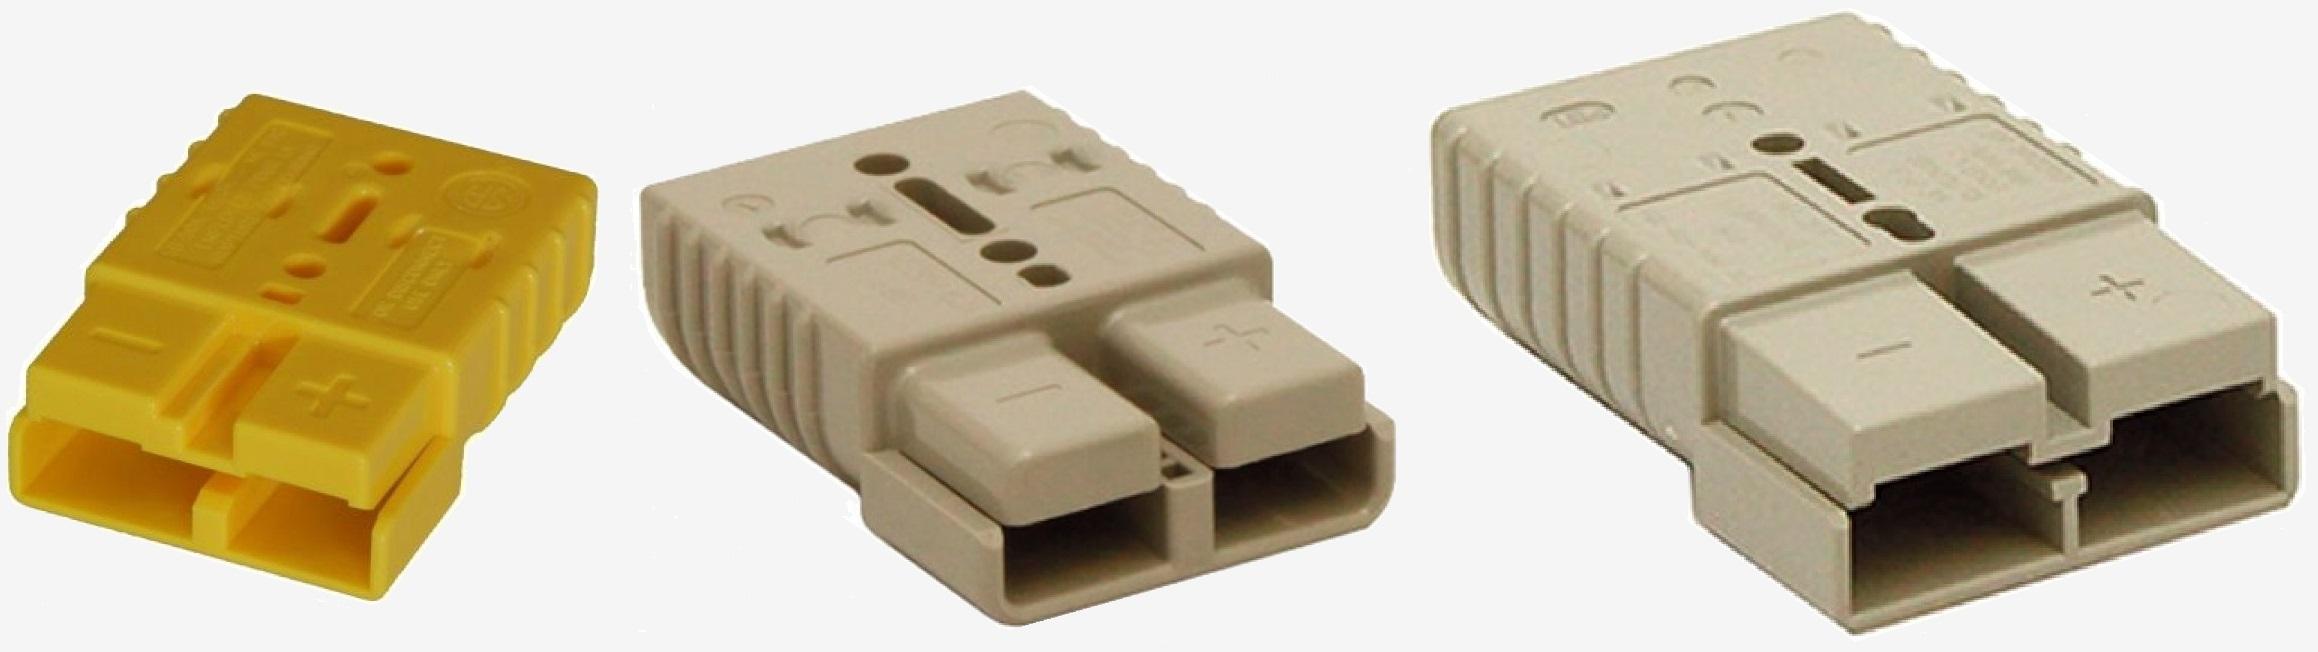 Комплектующие для тяговых батарей от производителя: разъемы, болты, перемычки, отводы, уплотнитель 2